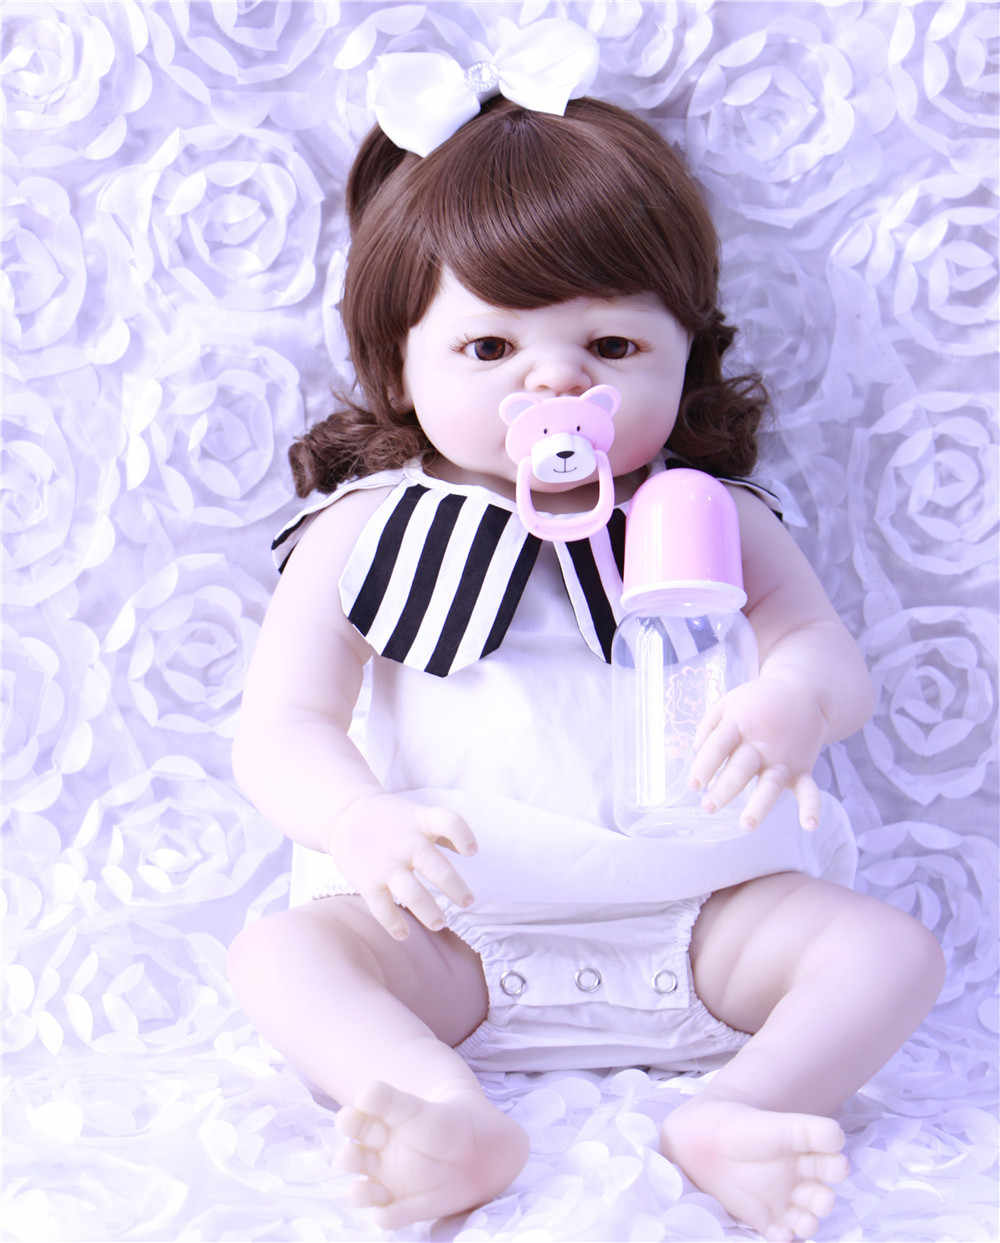 55 см Реалистичная Очаровательная кукла для малышей мягкие виниловые куклы для новорожденных ручной работы полностью силиконовые 22 дюймов вьющиеся волосы принцессы для малышей распродажа